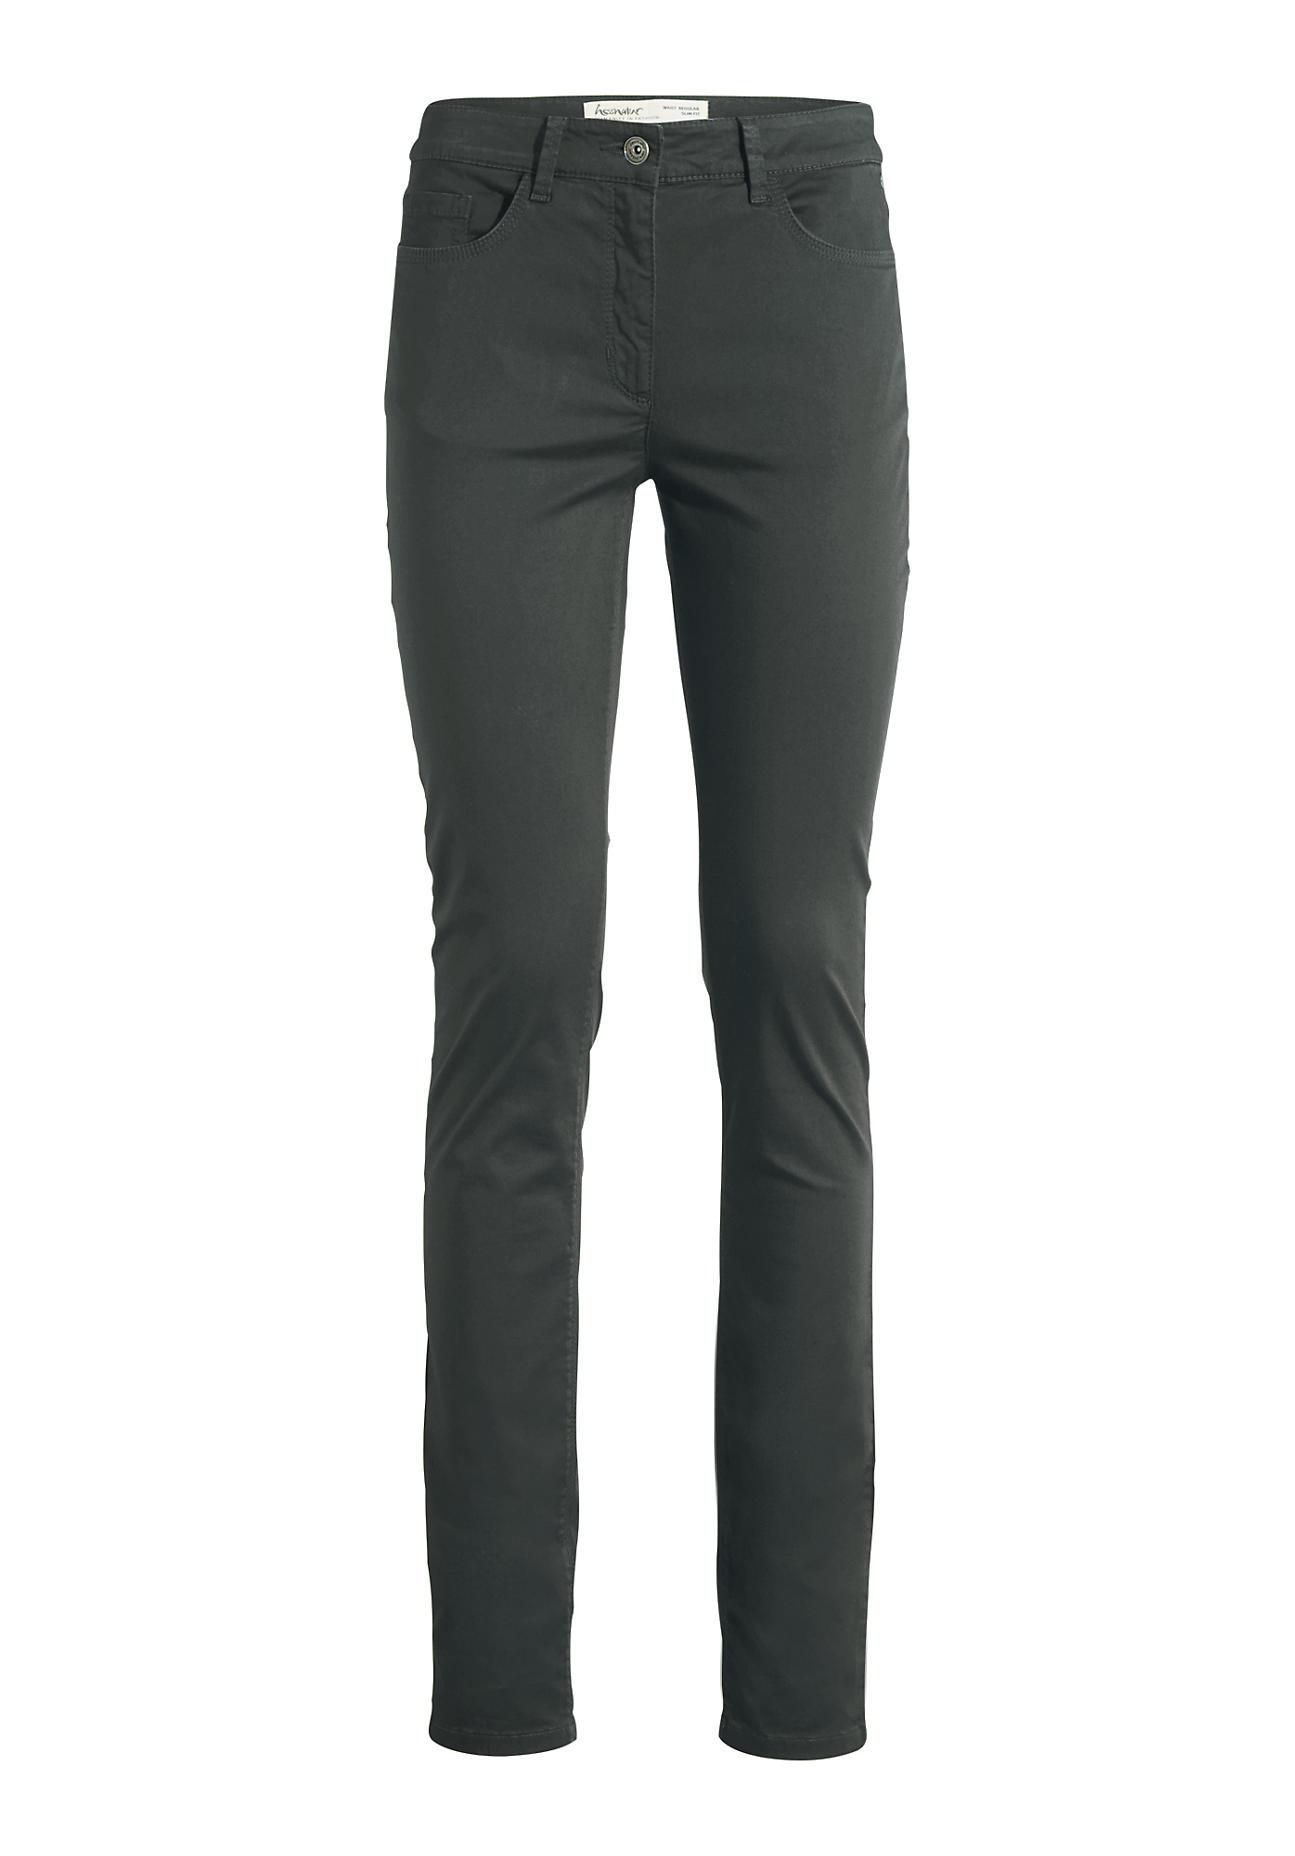 Hosen für Frauen - hessnatur Damen Hose Slim Fit aus Bio Baumwolle – grün –  - Onlineshop Hessnatur